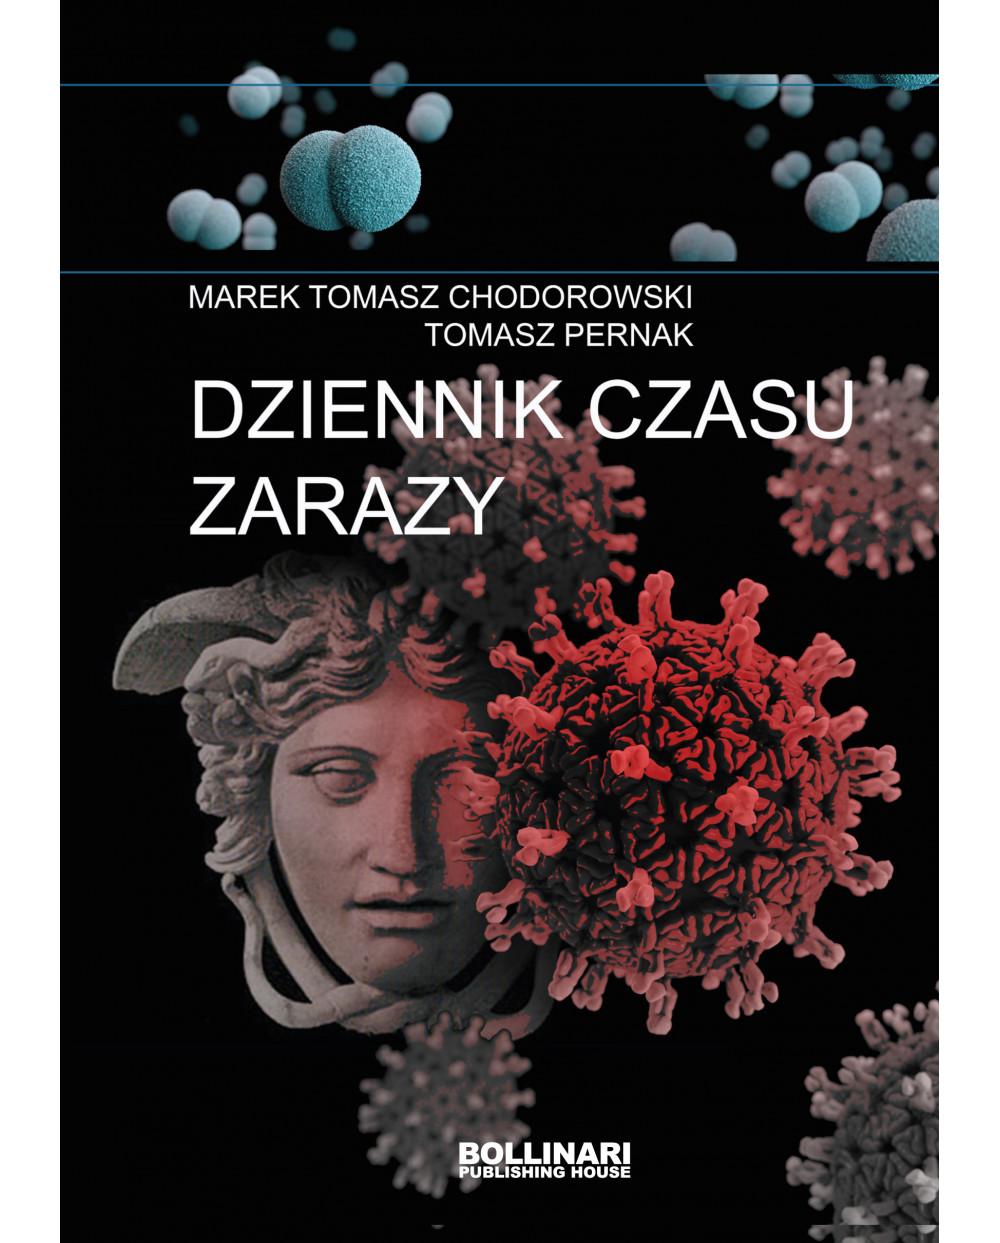 Tomasz Pernak - Dziennika czasu zarazy - eBOOK